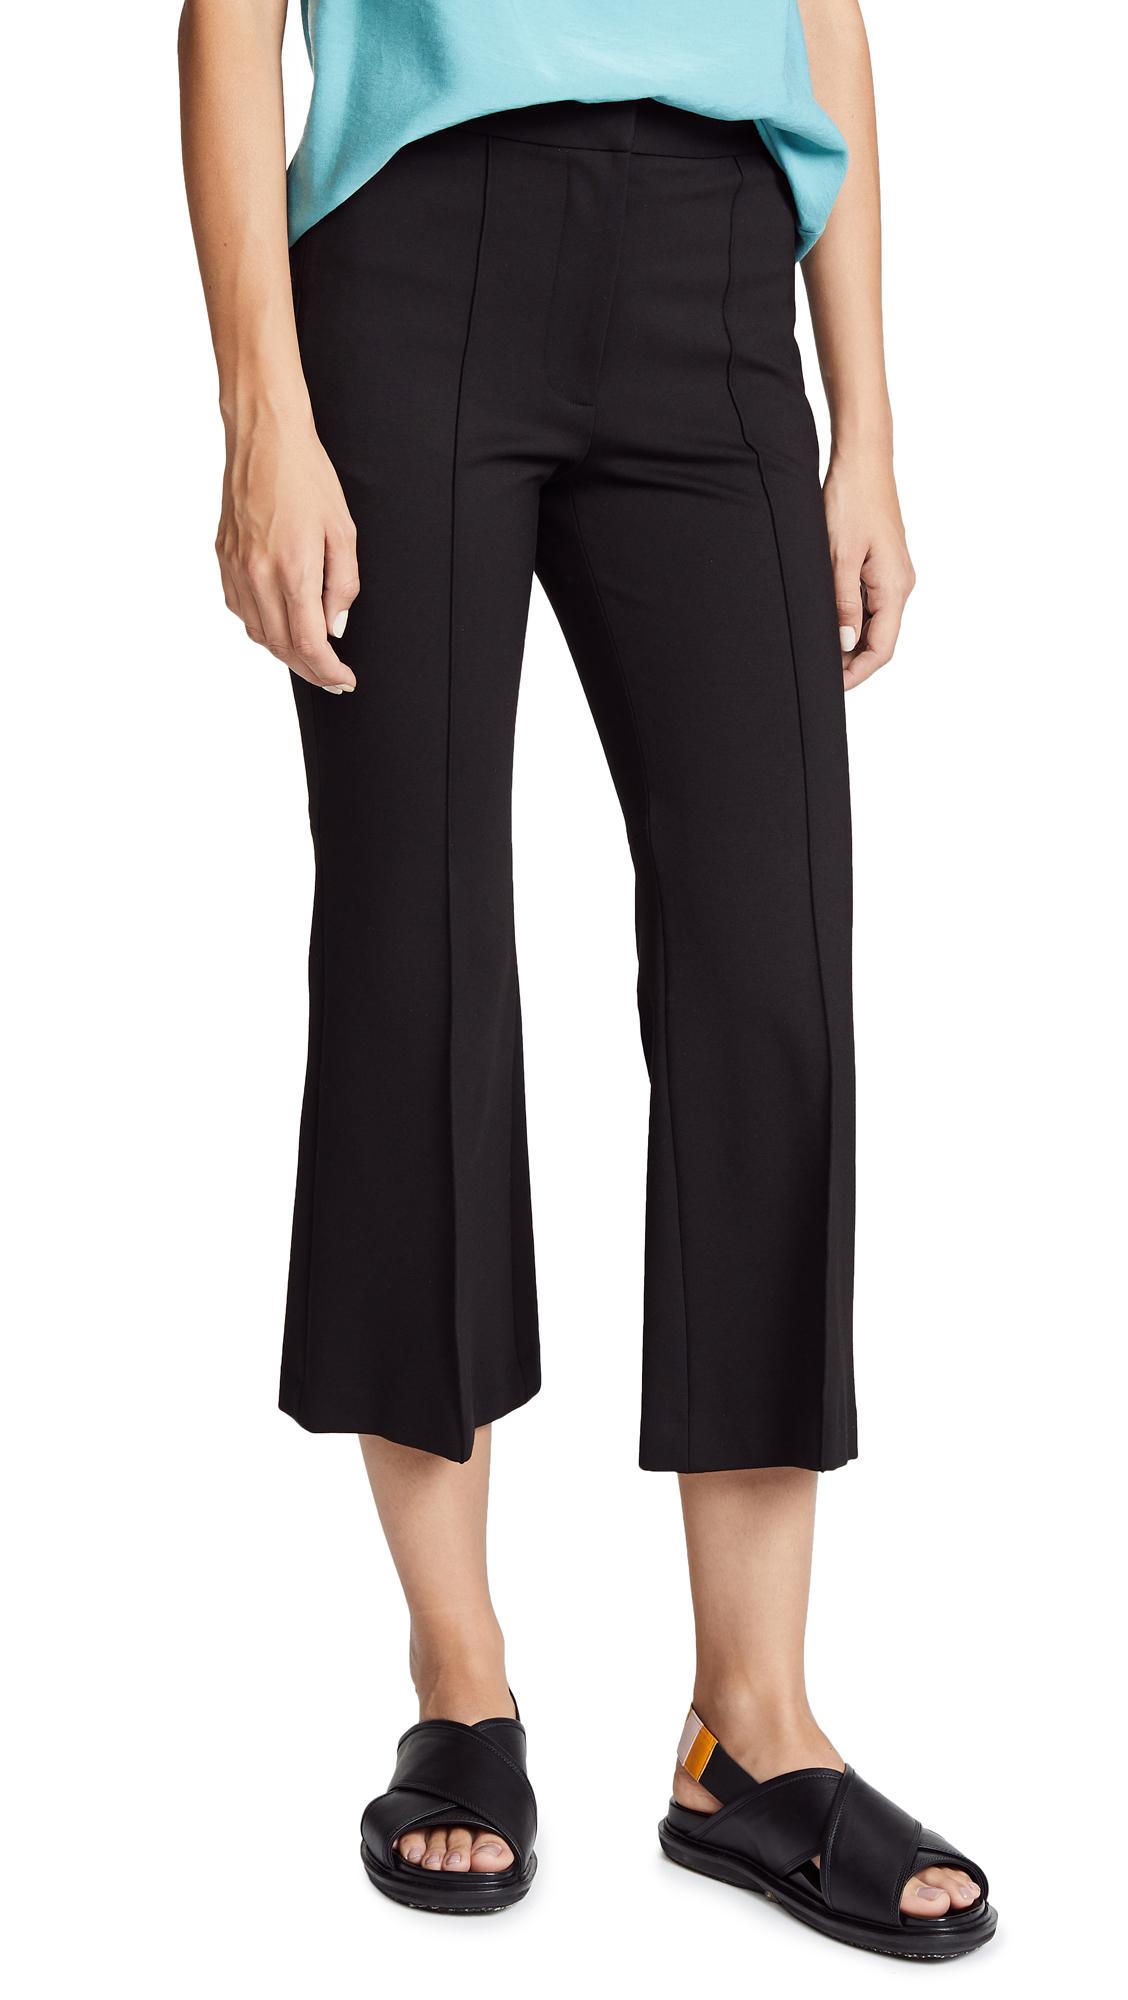 Tibi Tailored Pants - Black